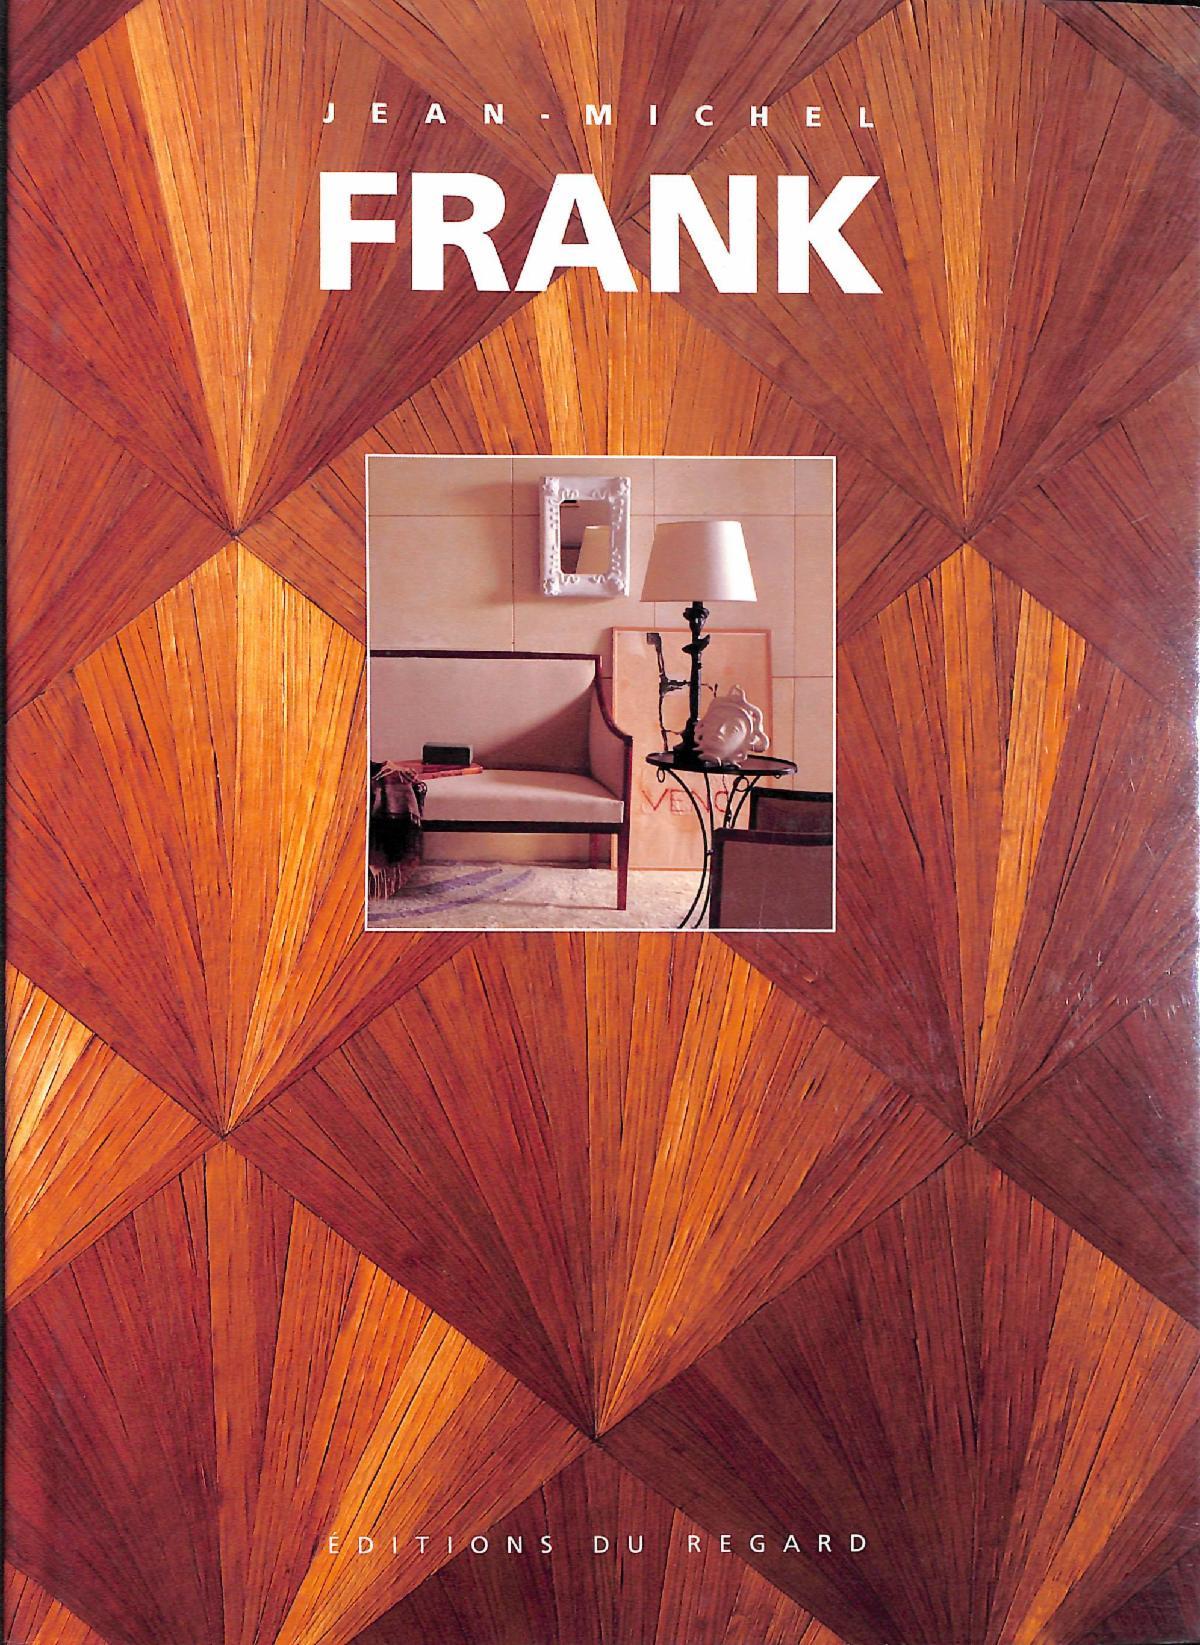 Jean Miche lFrank